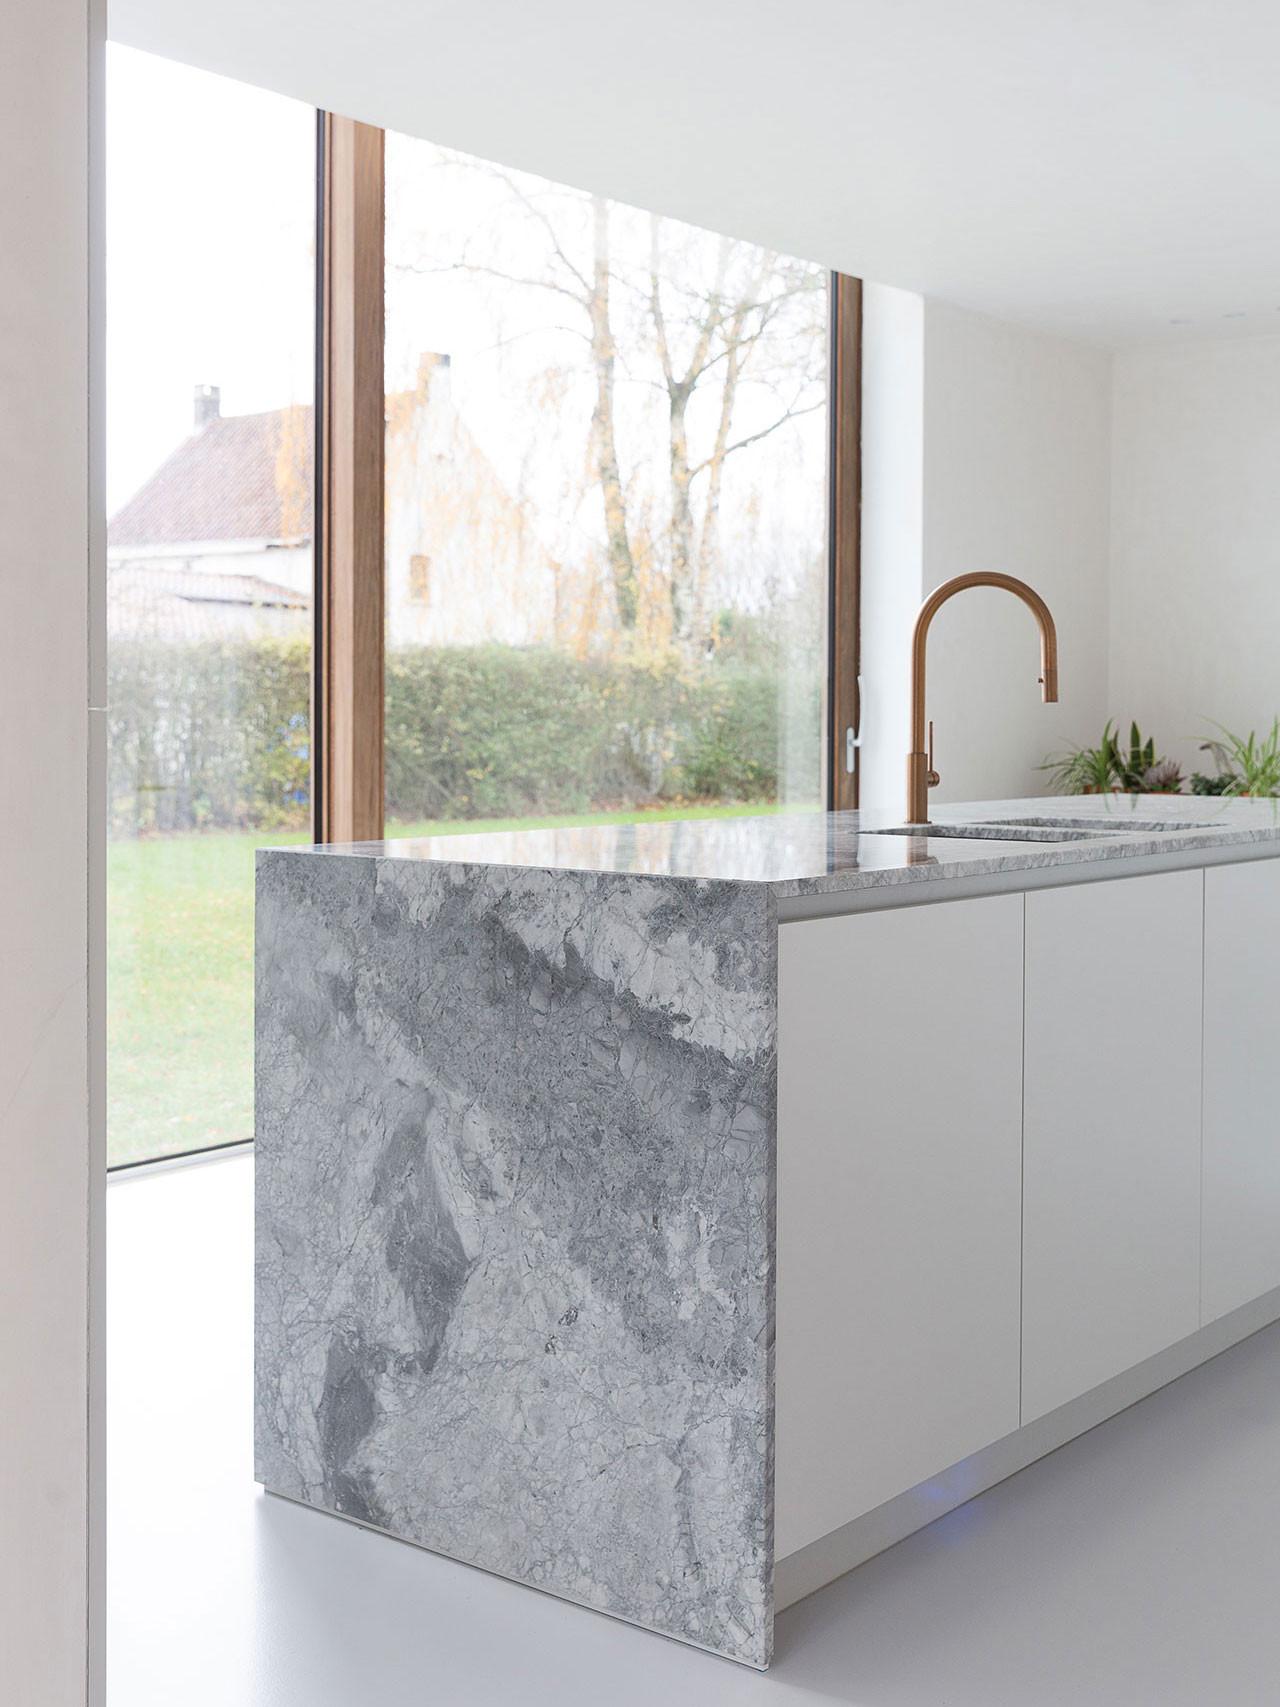 Dekeyzer-hedendaagse-keuken-realisatie-Gent-natuursteen-4.jpg